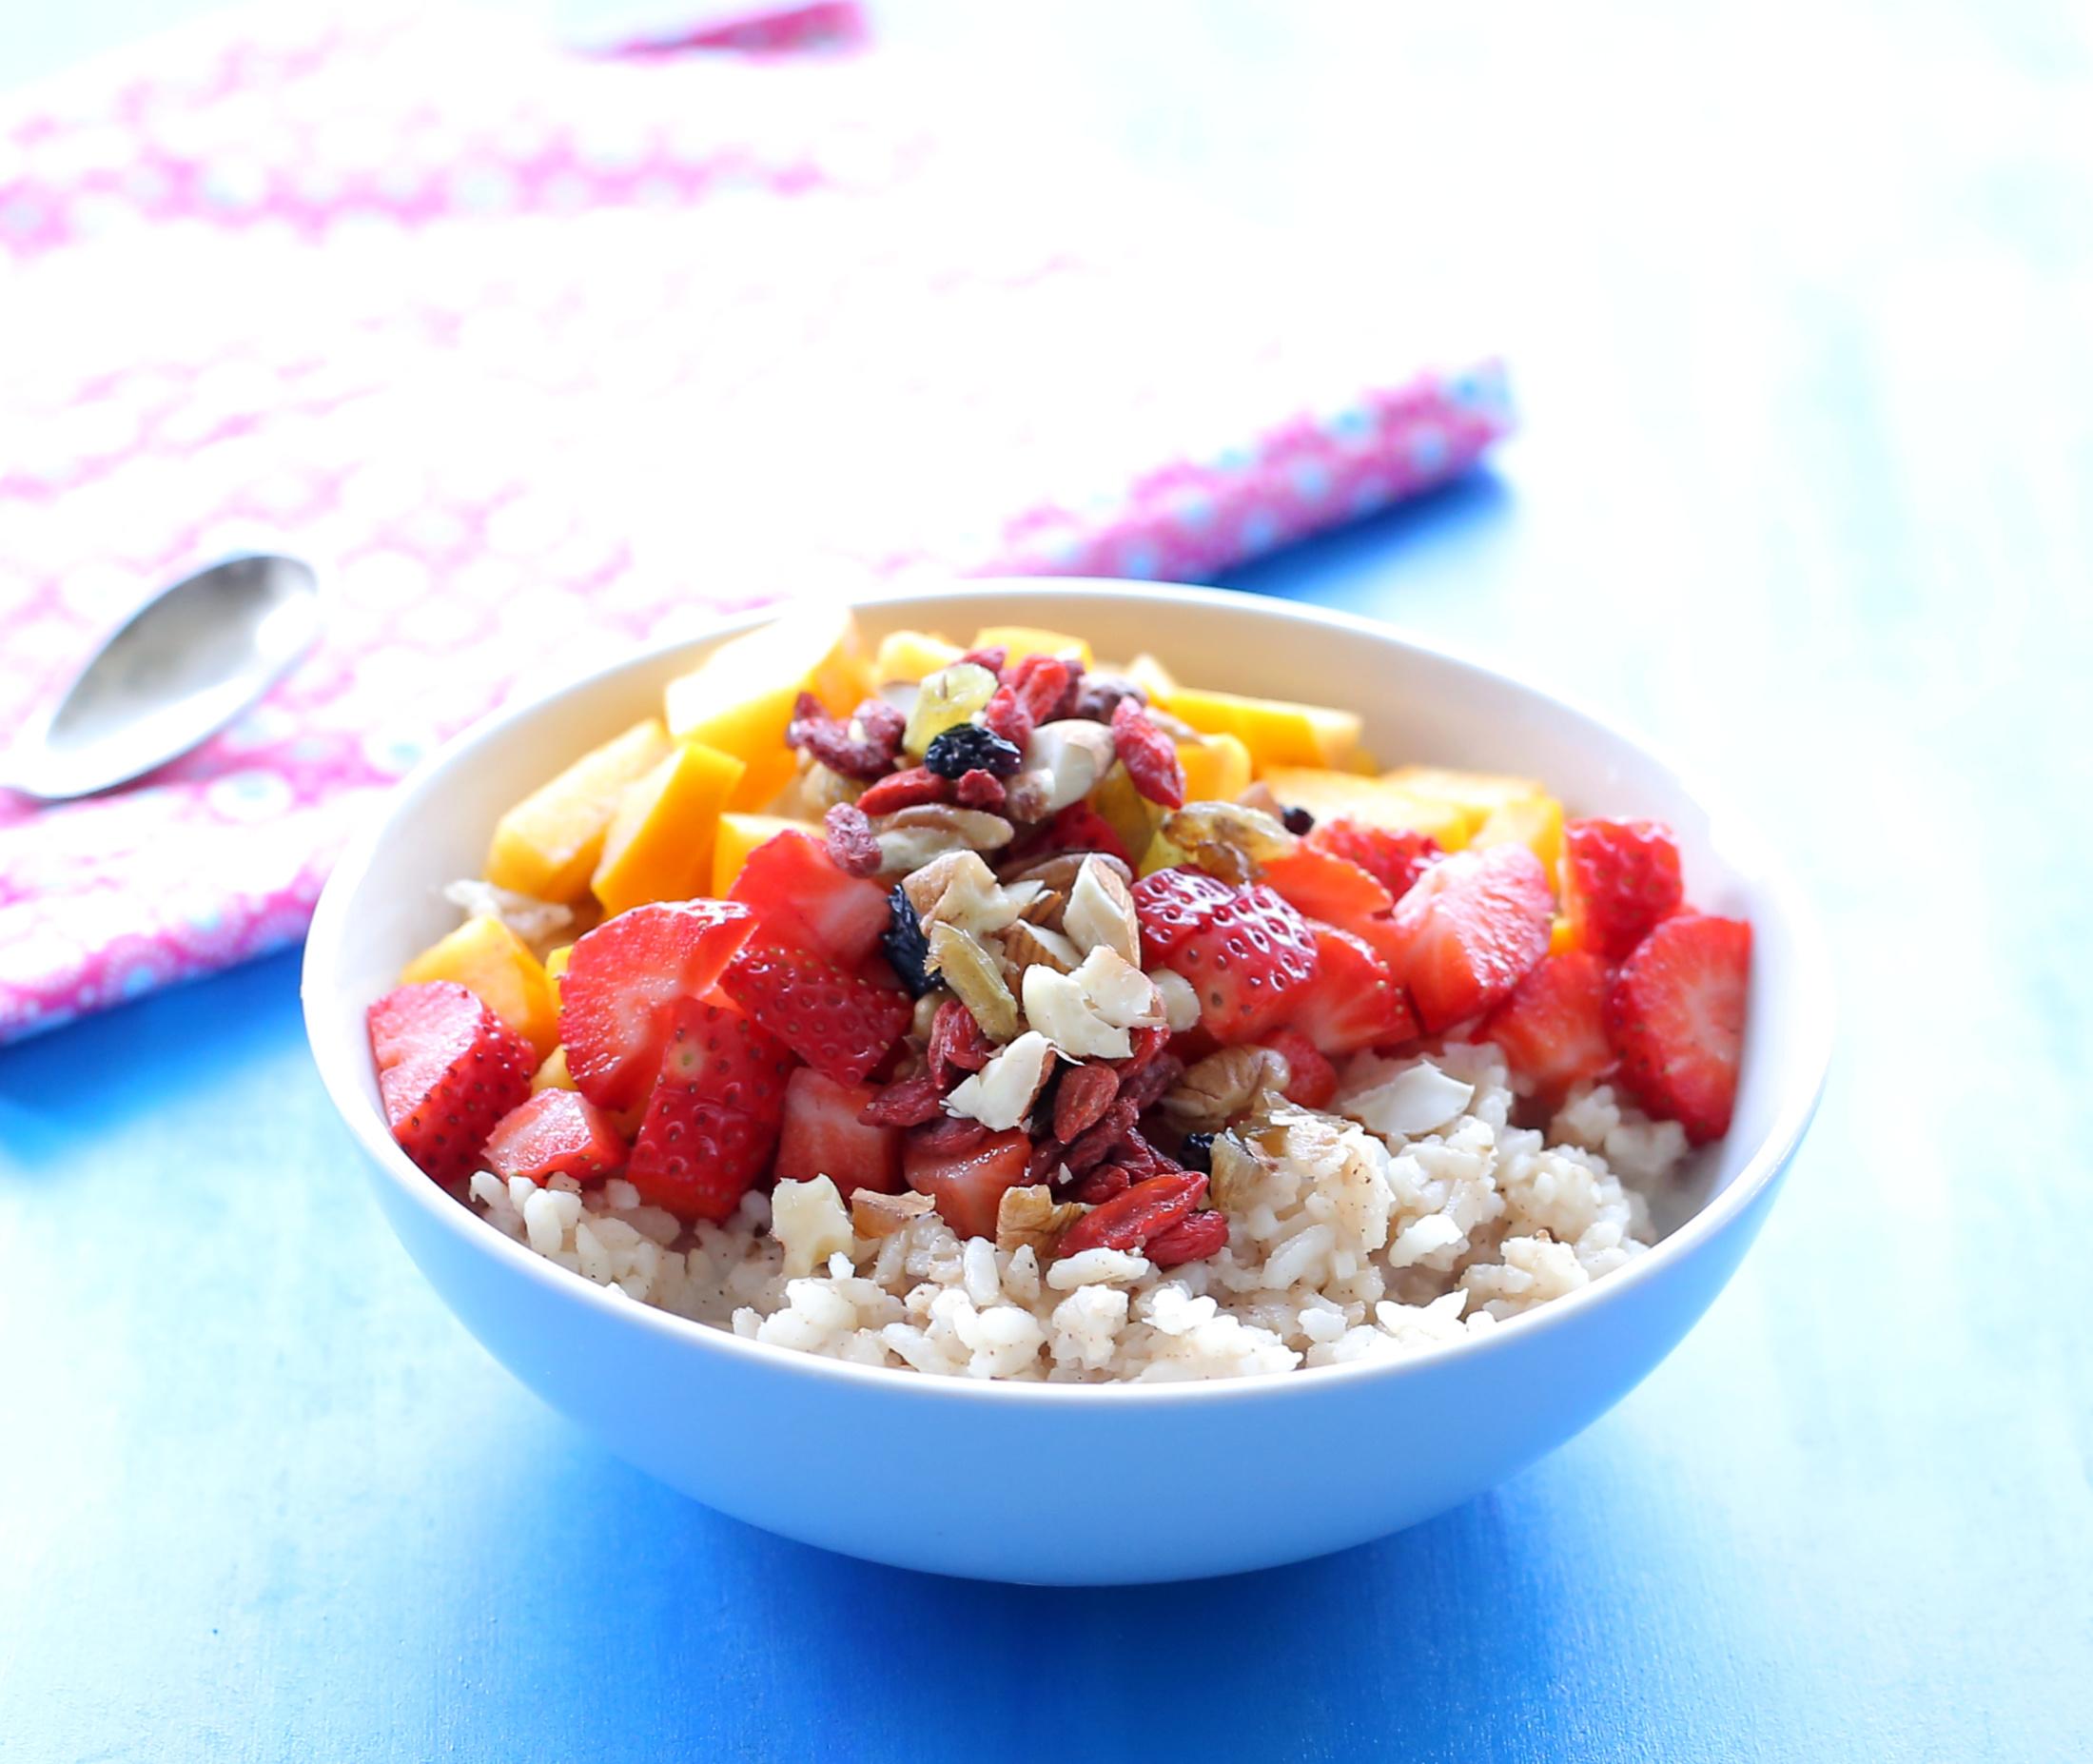 מוזלי אורז_אורז מתוק עם פירות_ארוחת בוקר מושלמת_צילום ומתכון: טליה הדר אשת סטייל